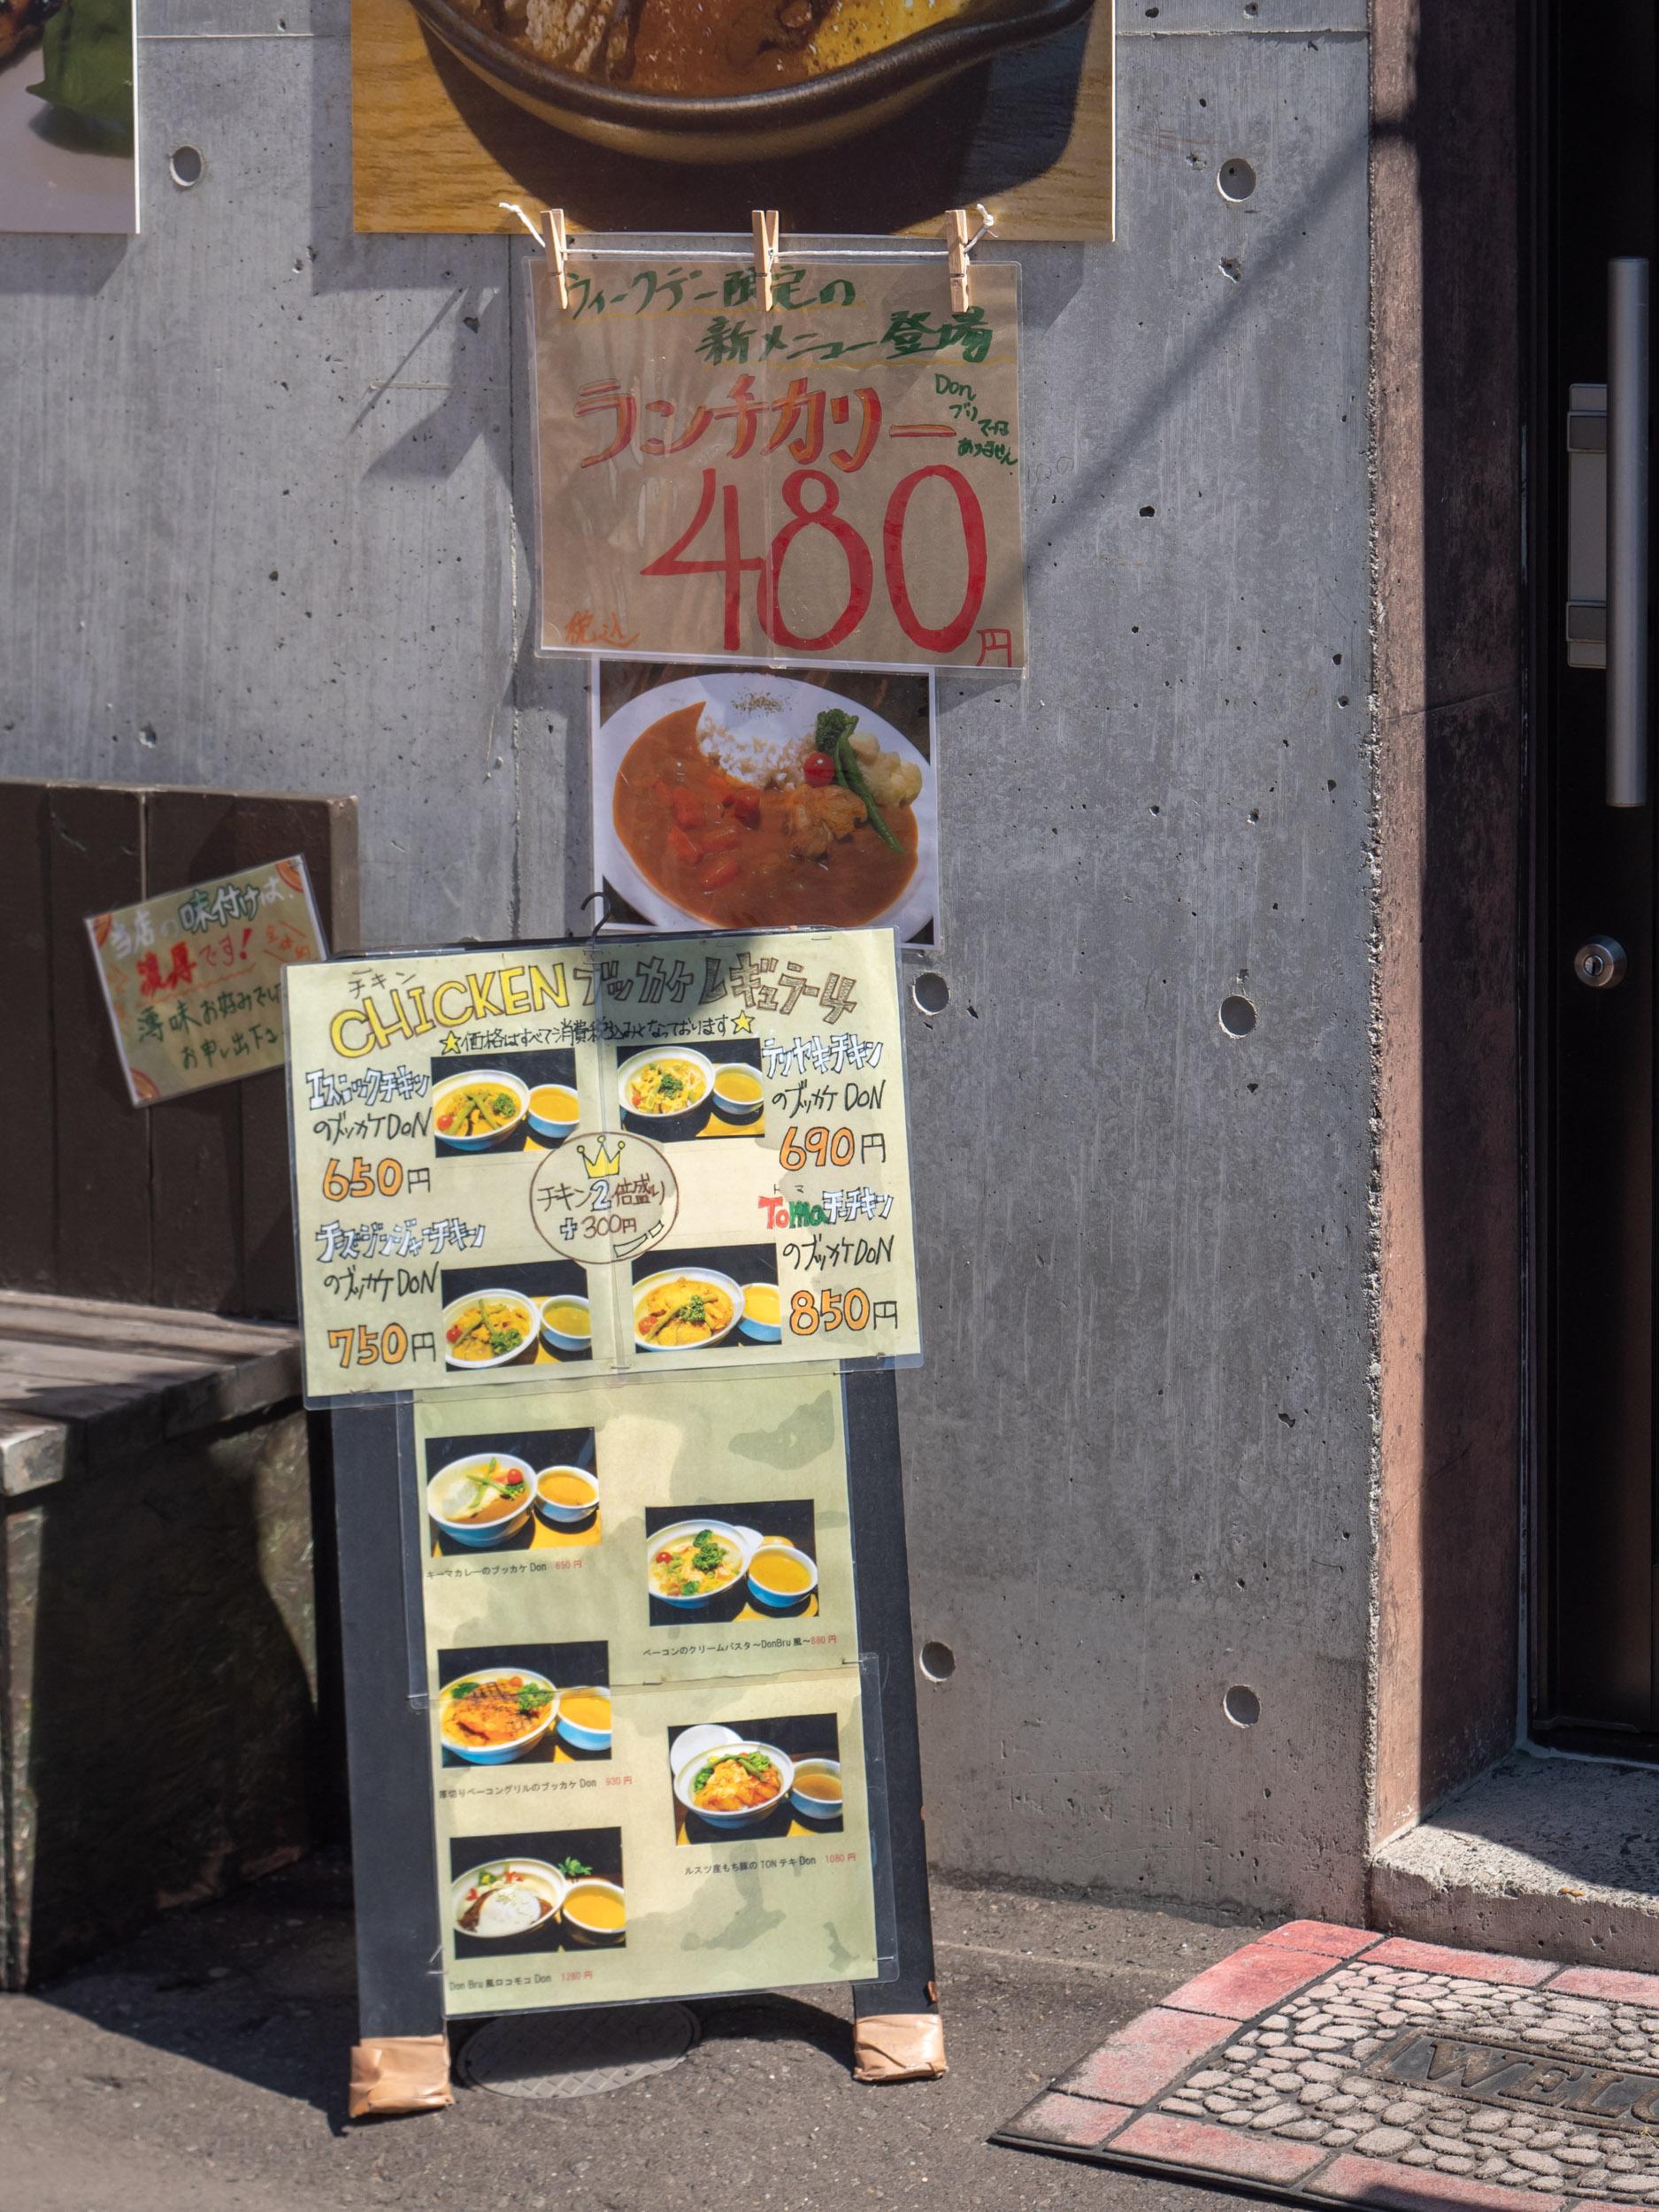 洋風丼とブリュレのお店 DonBru (ドンブリュ) DMC-GX8 + LEICA DG 12-60mm